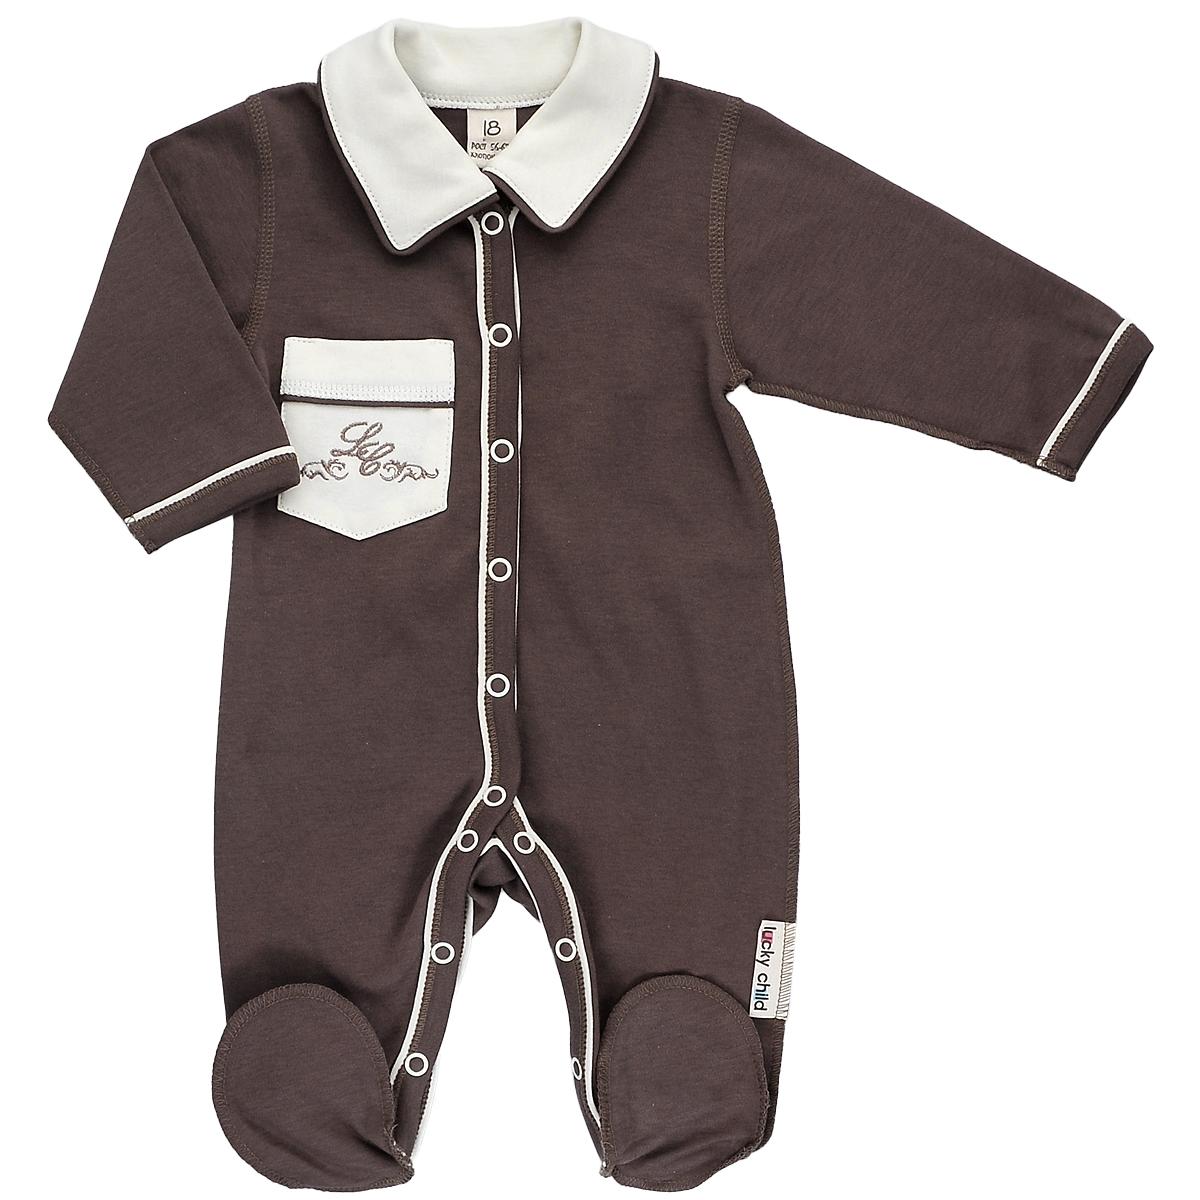 Комбинезон домашний20-1Детский комбинезон Lucky Child - очень удобный и практичный вид одежды для малышей. Комбинезон выполнен из натурального хлопка, благодаря чему он необычайно мягкий и приятный на ощупь, не раздражает нежную кожу ребенка и хорошо вентилируется, а плоские швы приятны телу ребенка и не препятствуют его движениям. Комбинезон с длинными рукавами, отложным воротничком и закрытыми ножками, выполнен швами наружу. Он застегивается на кнопки от горловины до щиколоток, благодаря чему переодеть младенца или сменить подгузник будет легко. Низ рукавов и планка с кнопками дополнены контрастными вставками. Спереди на комбинезоне имеется накладной кармашек, декорированный вышивкой. Воротник выполнен в контрастном цвете. С детским комбинезоном спинка и ножки вашего ребенка всегда будут в тепле, он идеален для использования днем и незаменим ночью. Комбинезон полностью соответствует особенностям жизни младенца в ранний период, не стесняя и не ограничивая его в движениях!